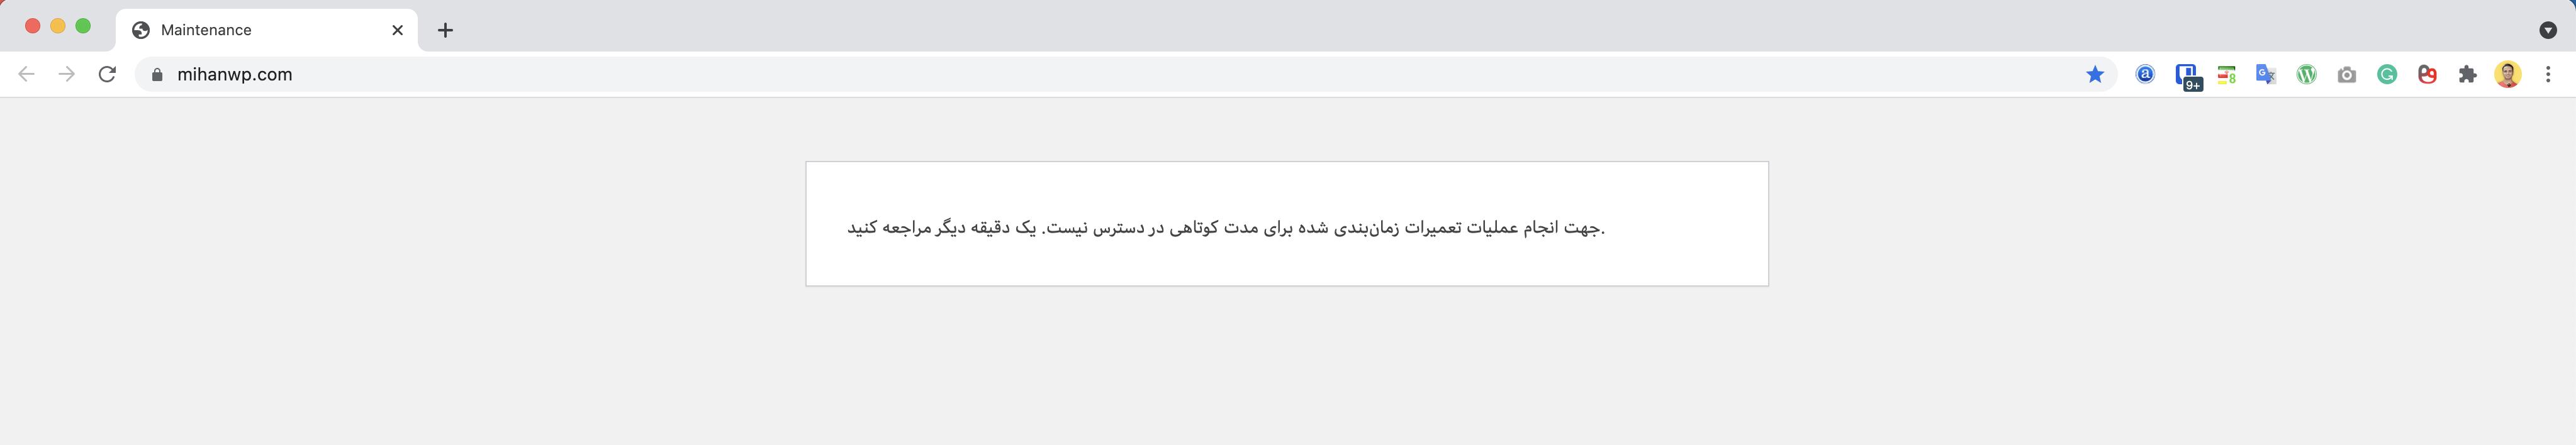 خطای جهت انجام عملیات تعمیرات زمانبندی شده در وردپرس فارسی